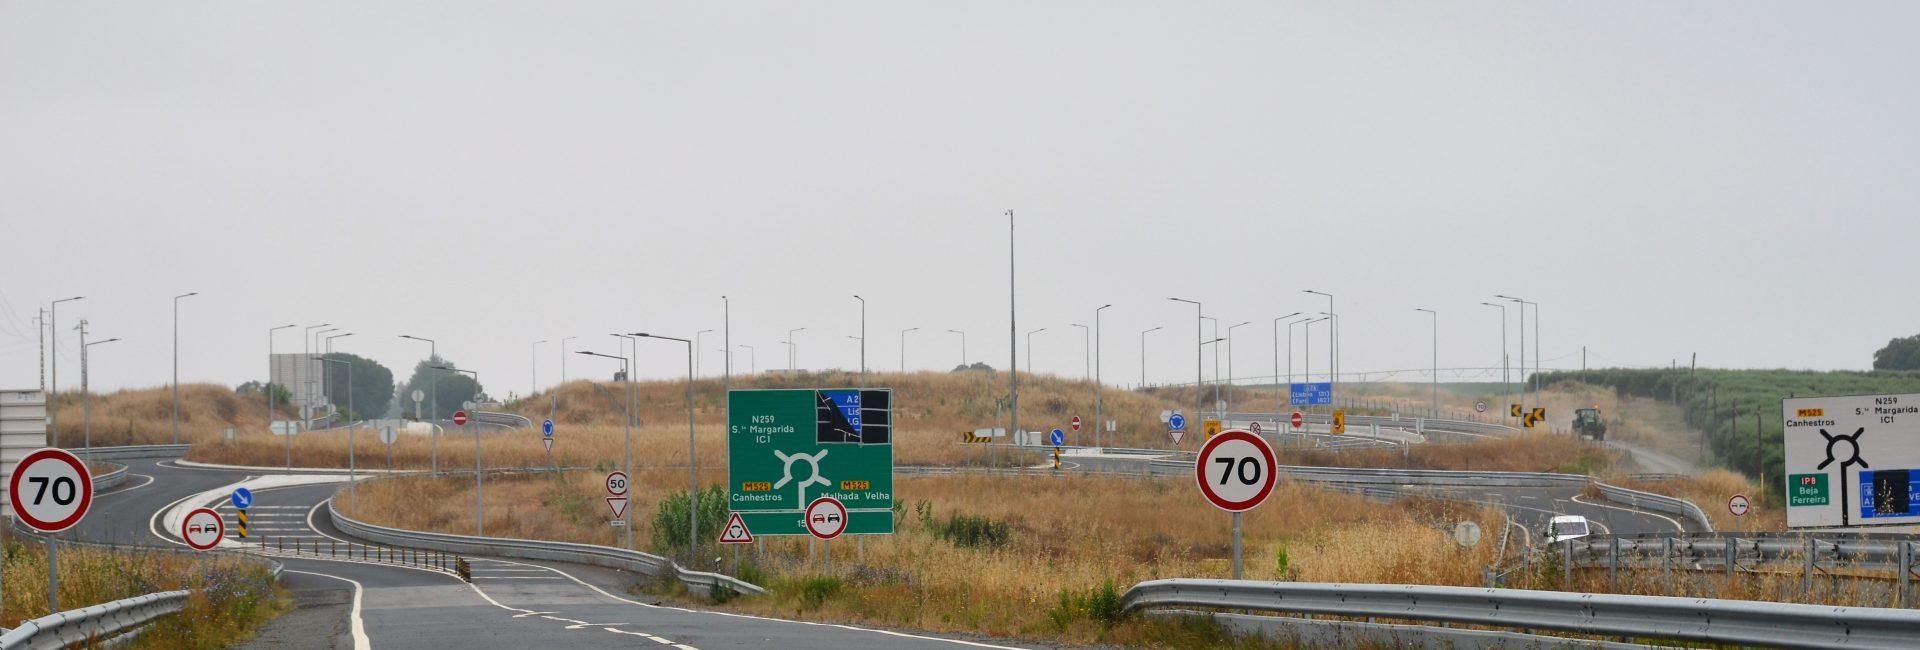 (Português) O troço da A26, no concelho de Ferreira do Alentejo abre em março e será isento de portagens